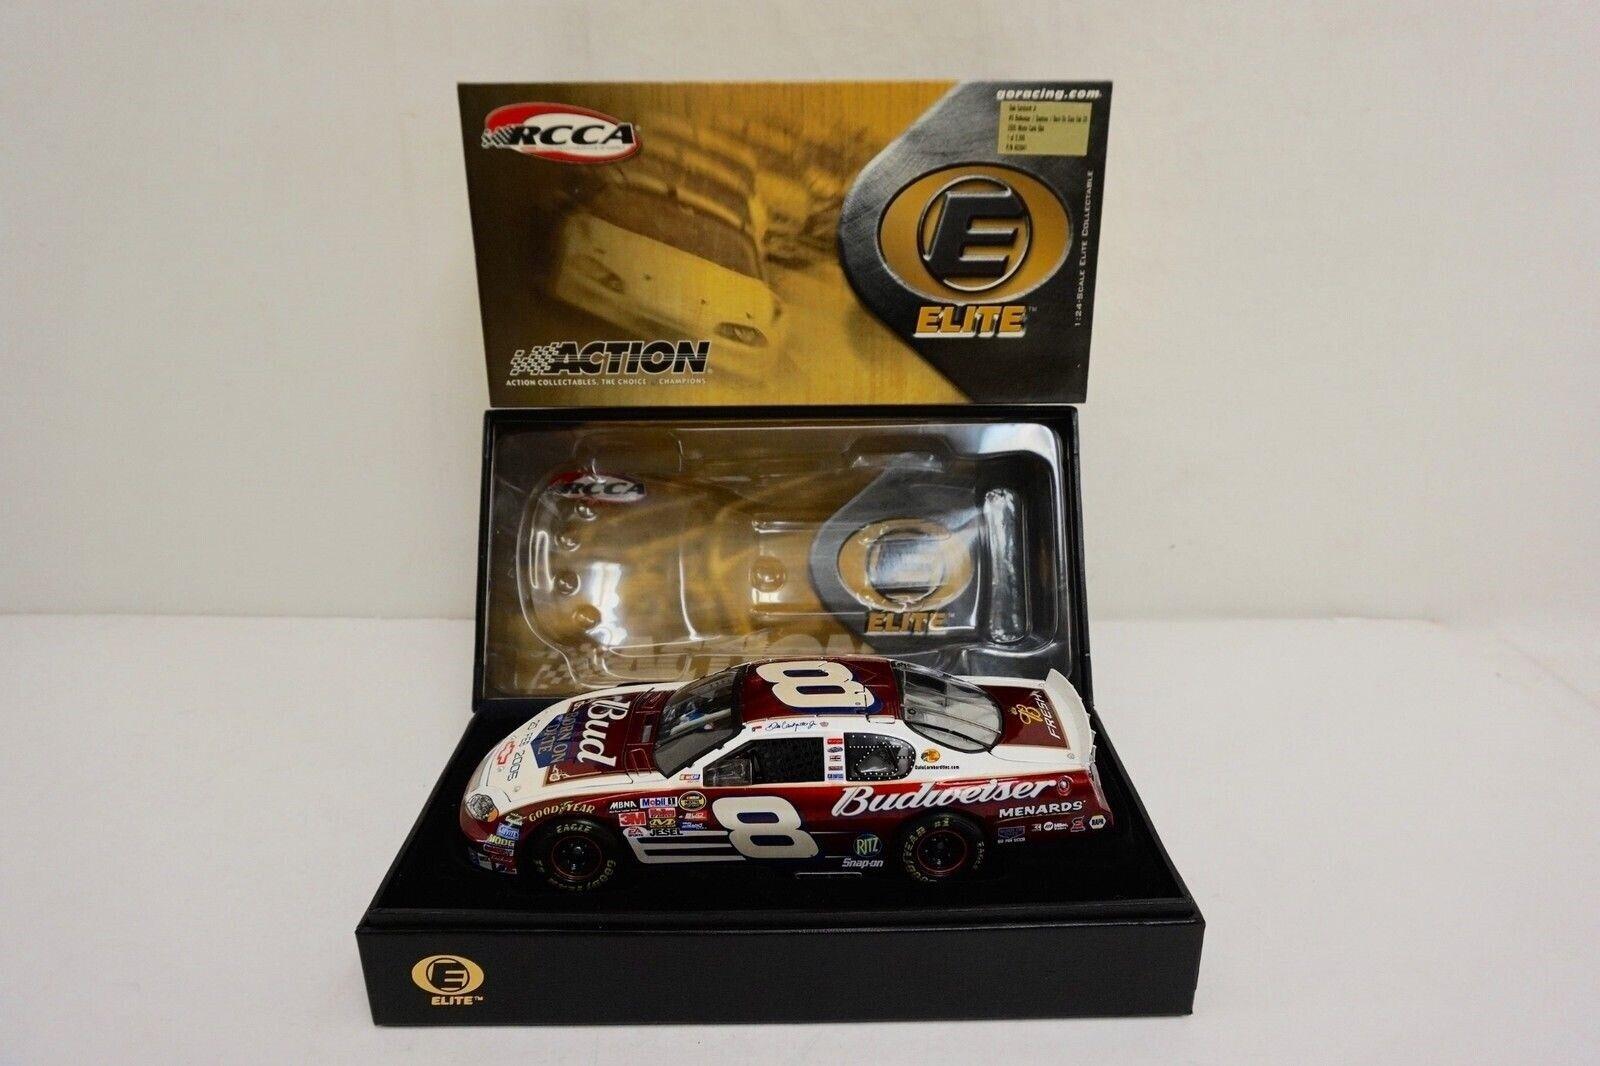 Racing  Collectables Club of America Elite moulé sous pression  2005 Dale Earnhardt Jr  8  né le date  Daytona 500 -  0831  prix bas 40%